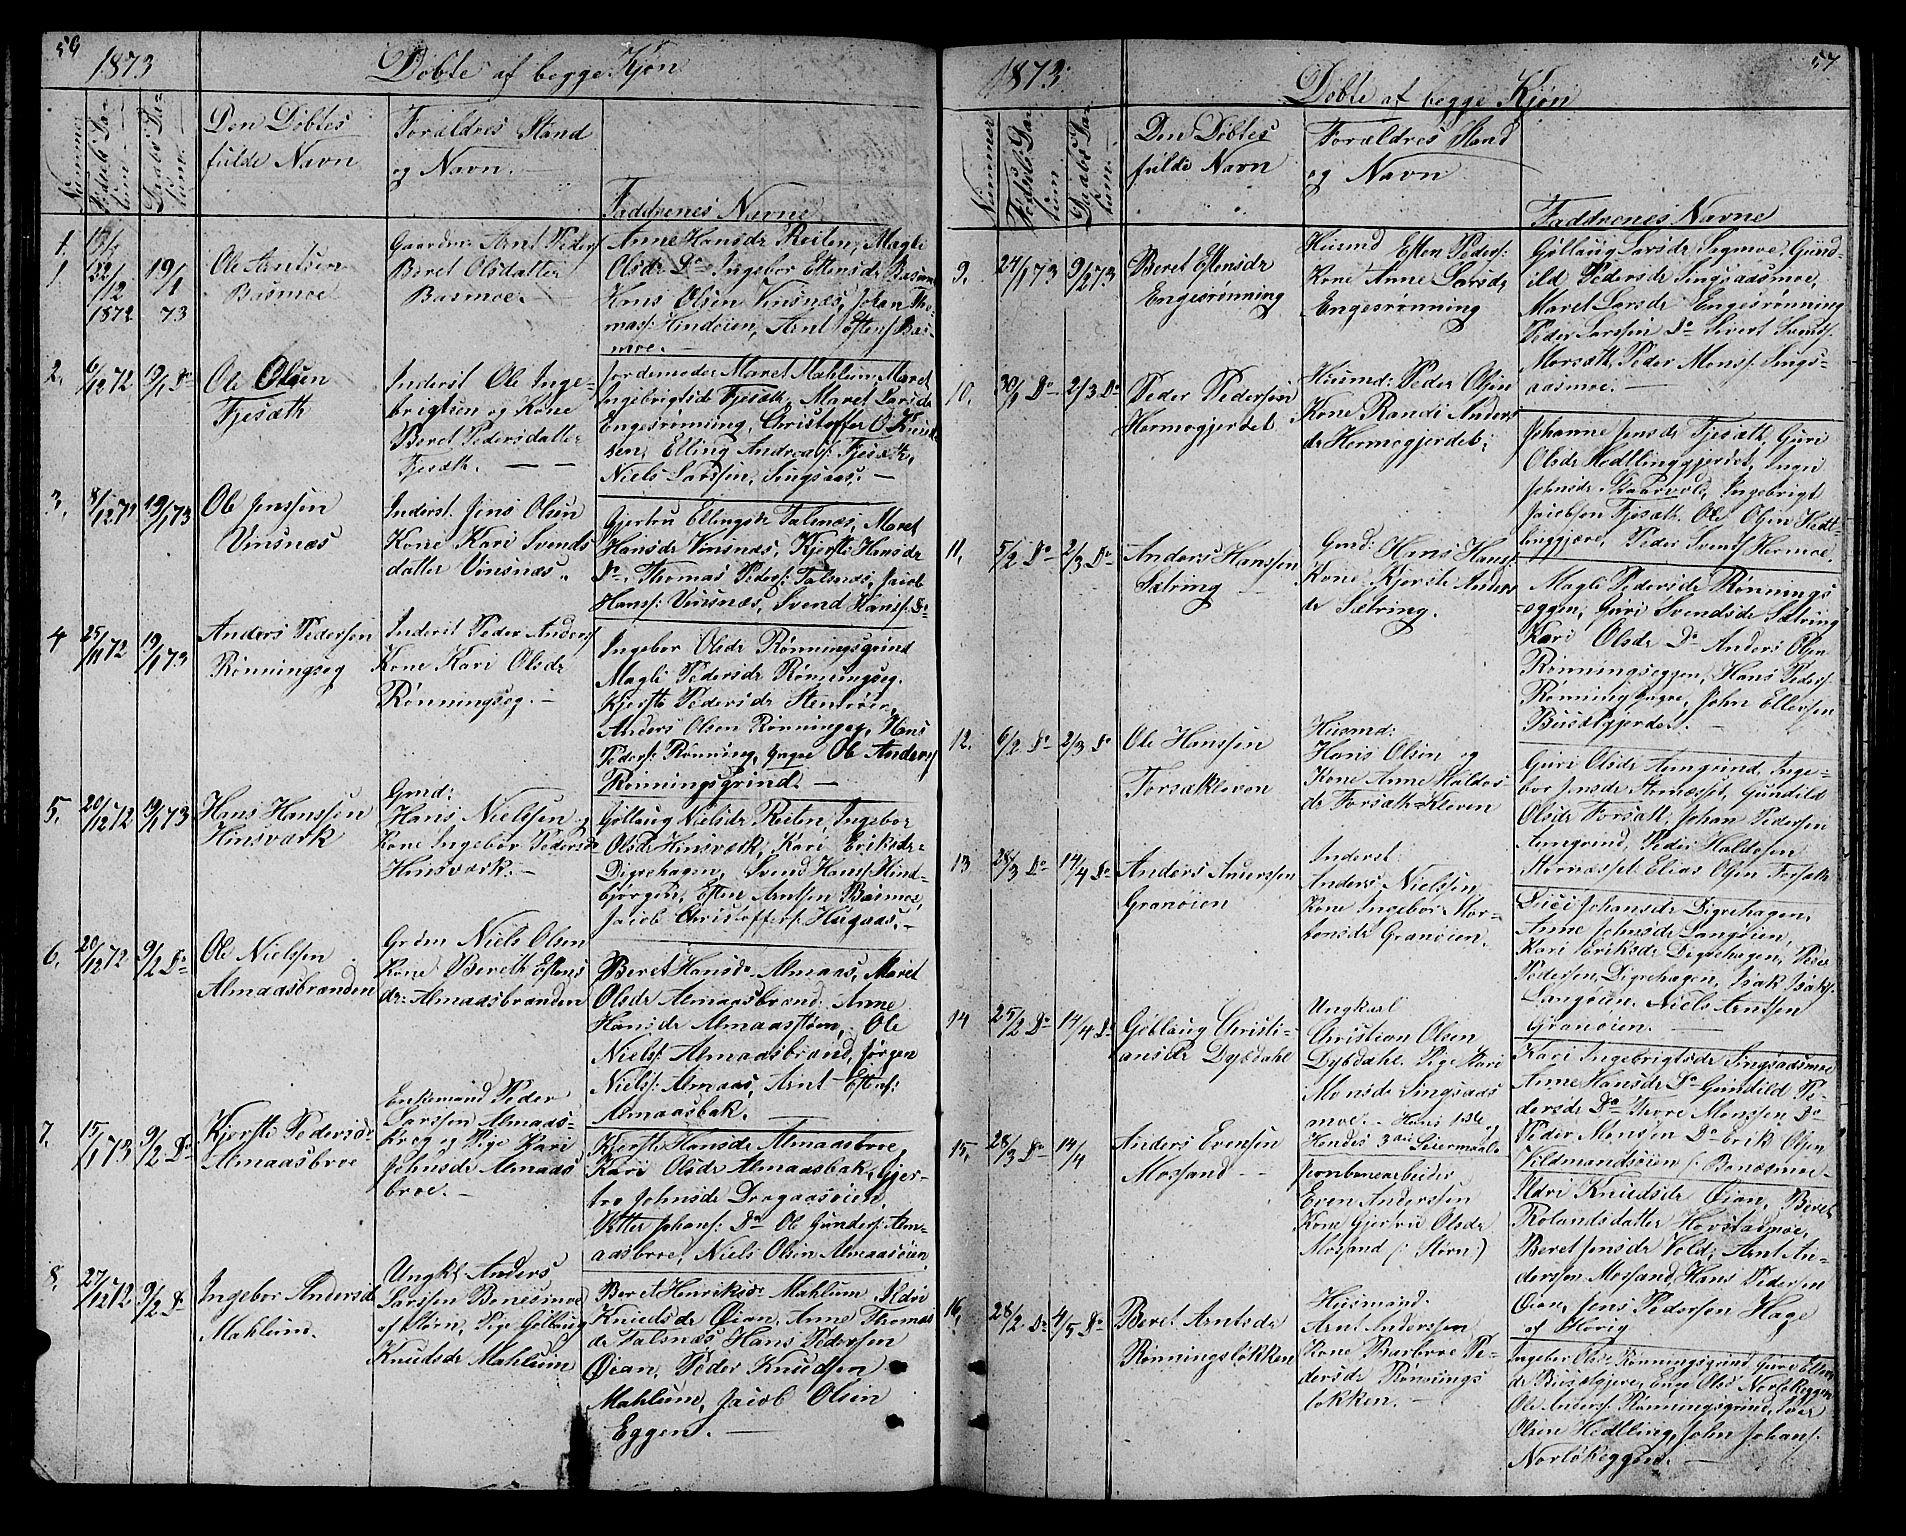 SAT, Ministerialprotokoller, klokkerbøker og fødselsregistre - Sør-Trøndelag, 688/L1027: Klokkerbok nr. 688C02, 1861-1889, s. 56-57